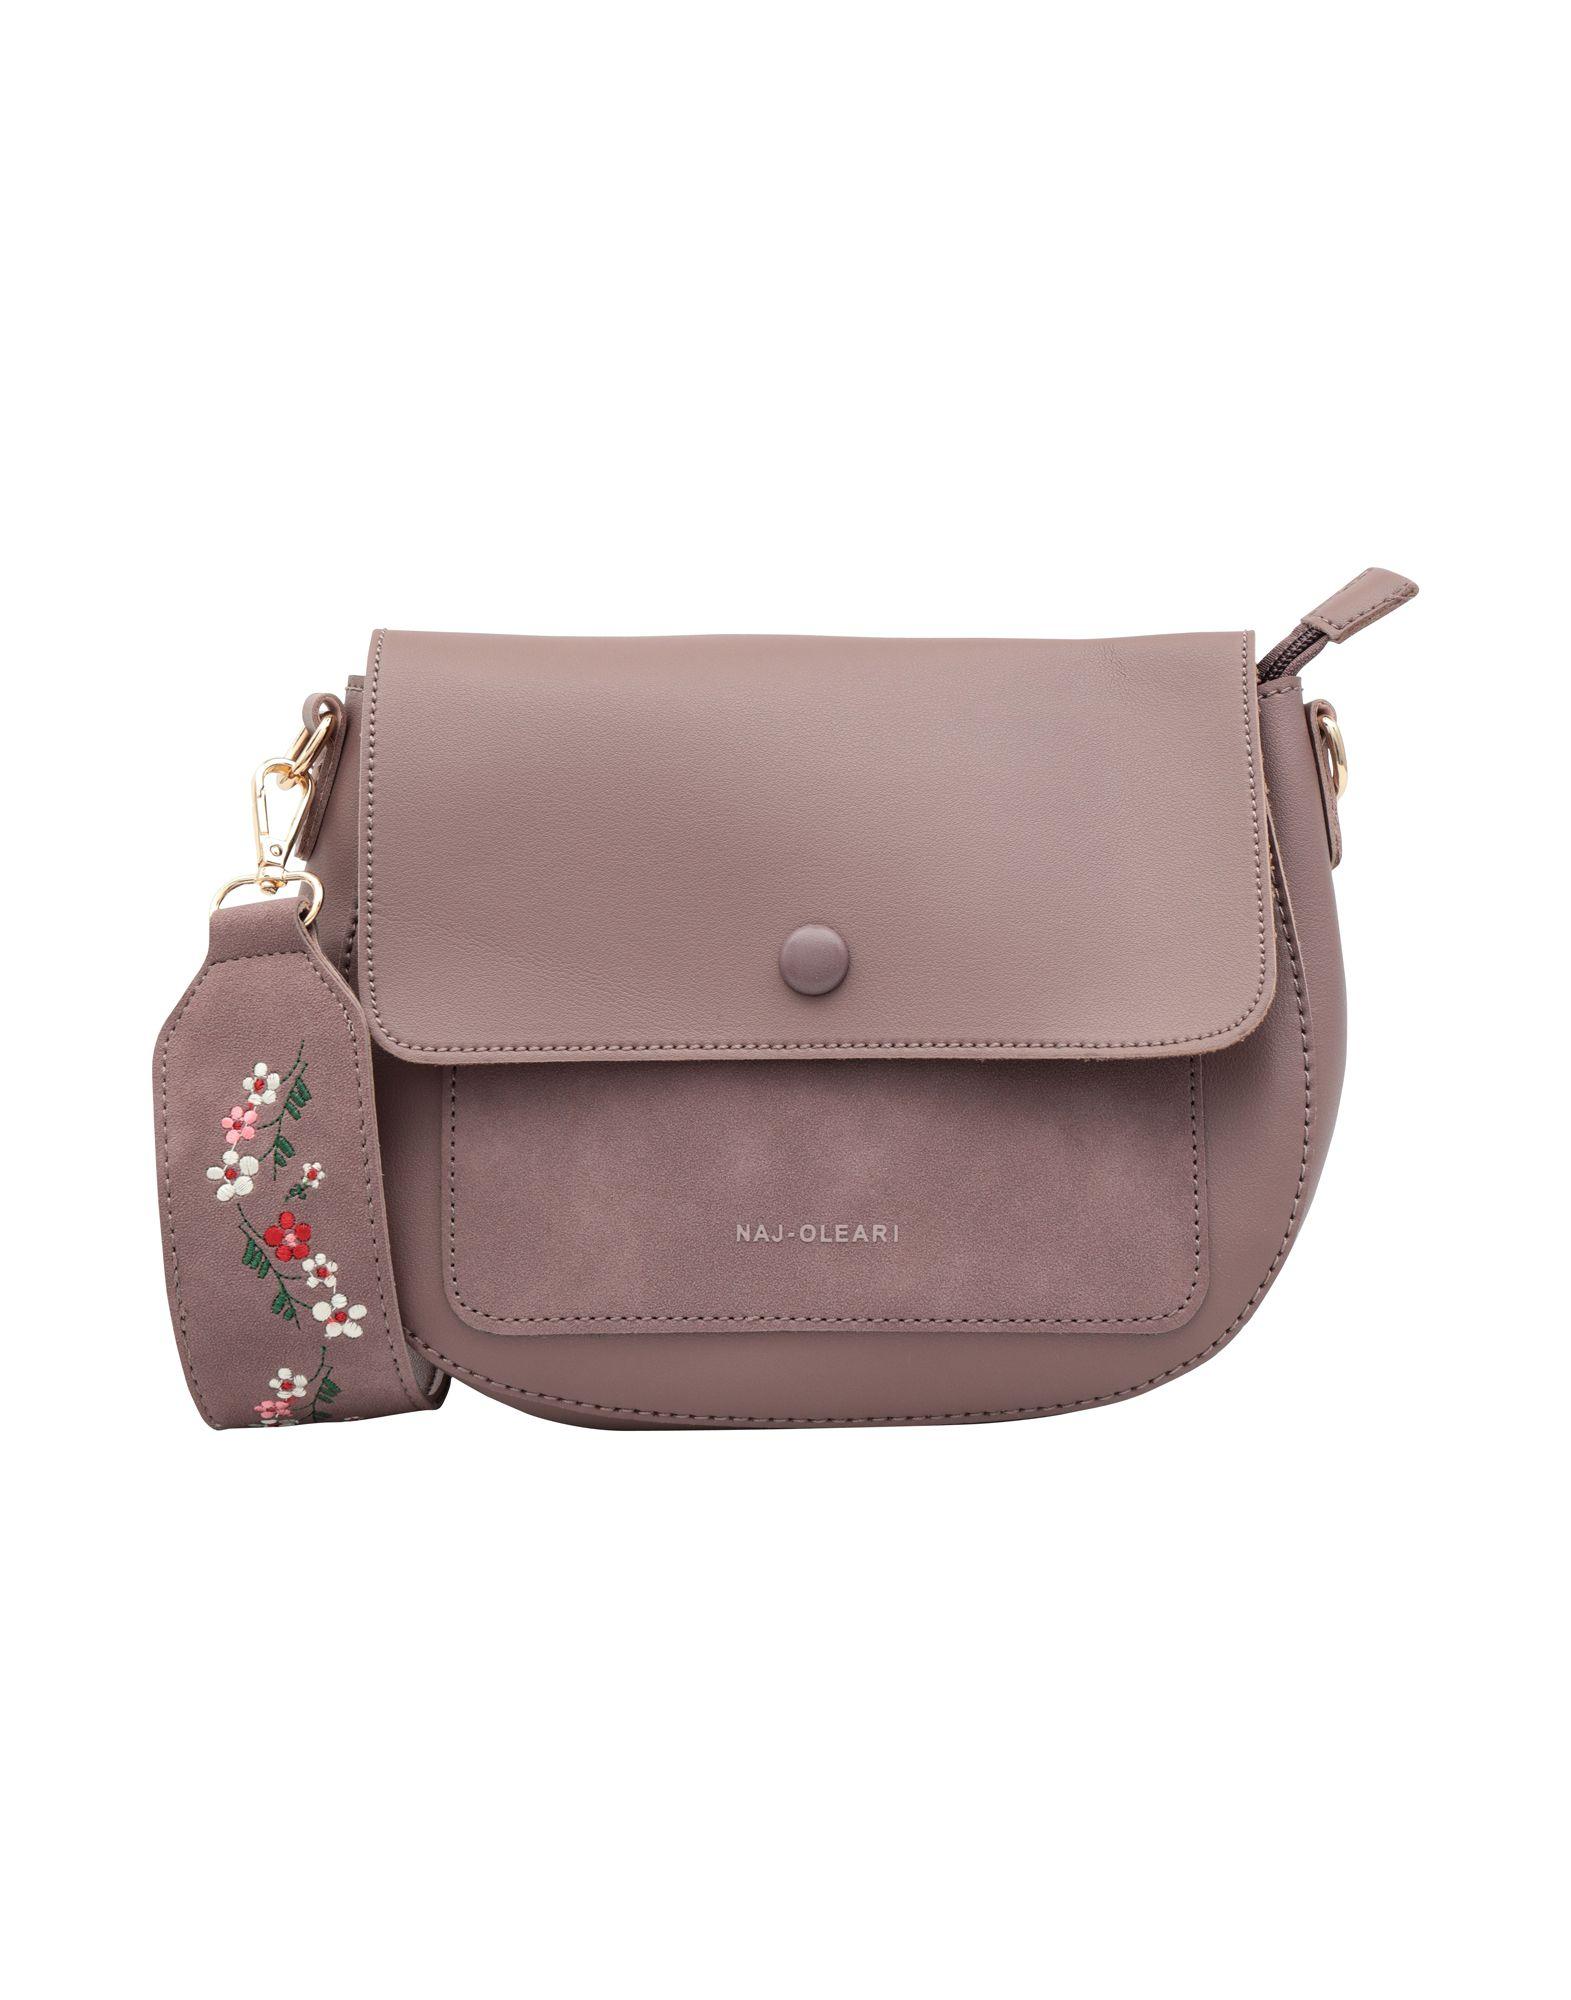 872231b48c53 Naj-Oleari Shoulder Bag - Women Naj-Oleari Shoulder Bags online on ...